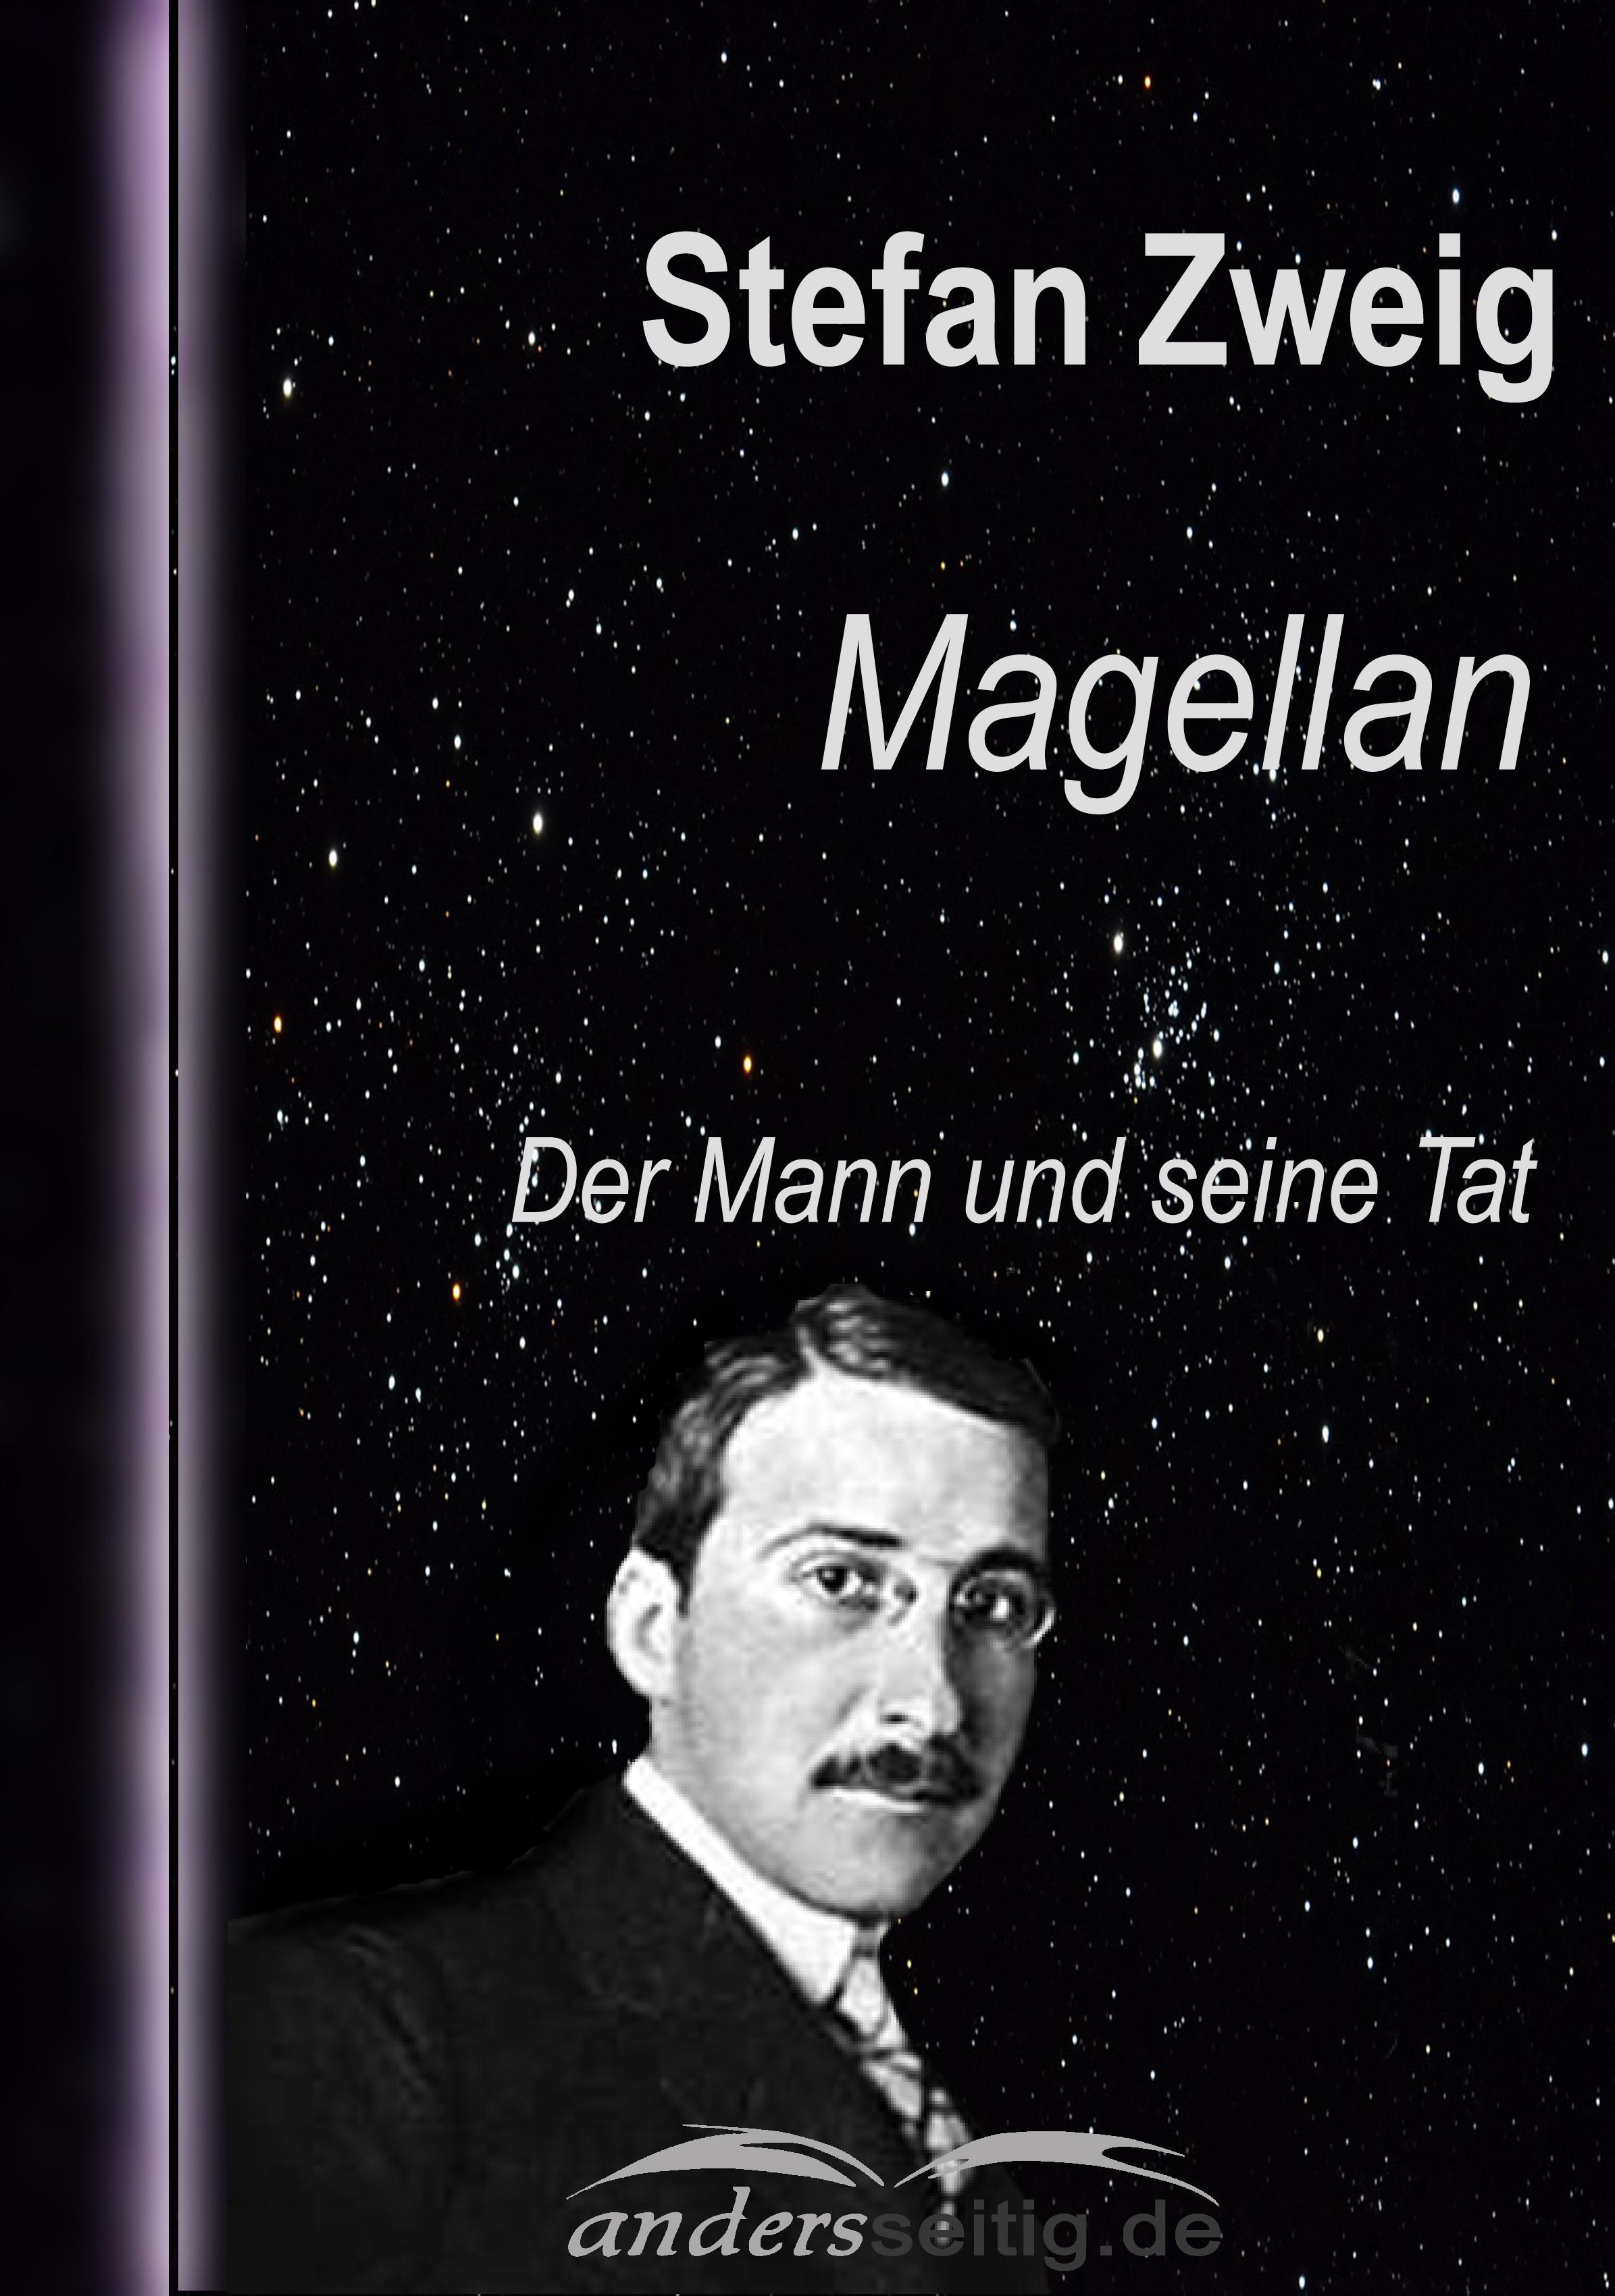 Stefan Zweig Magellan